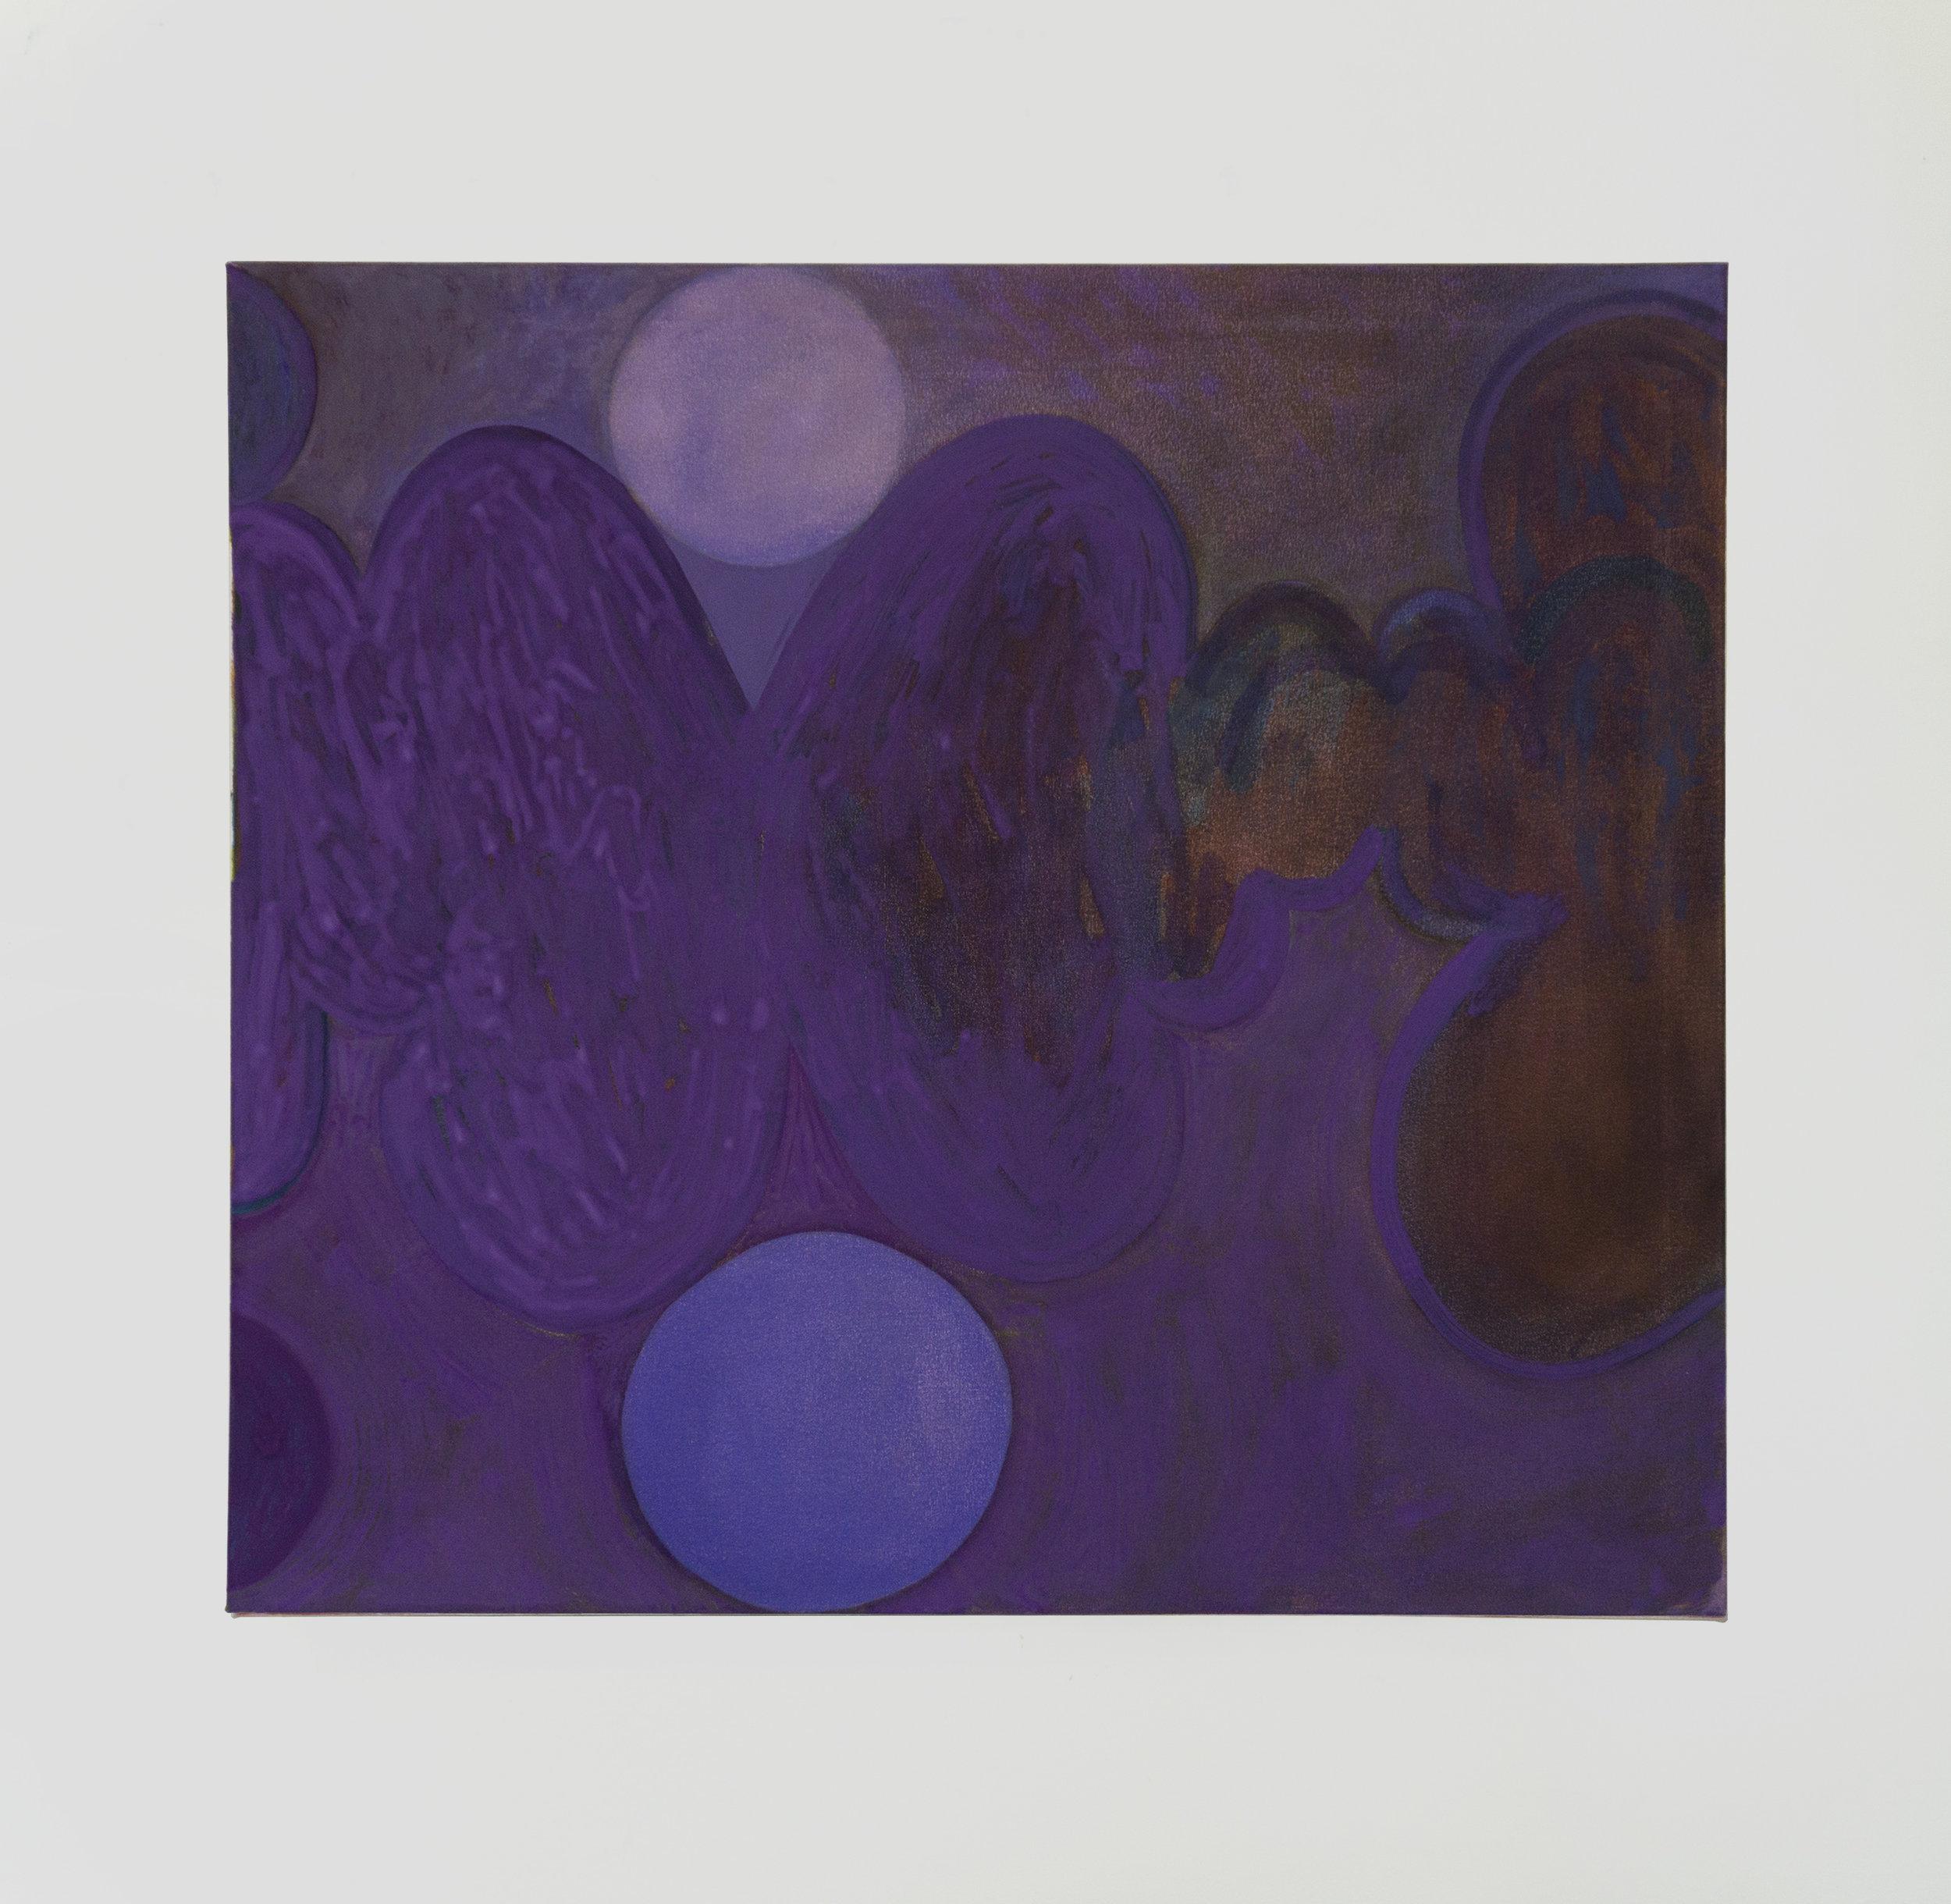 Violet Moons